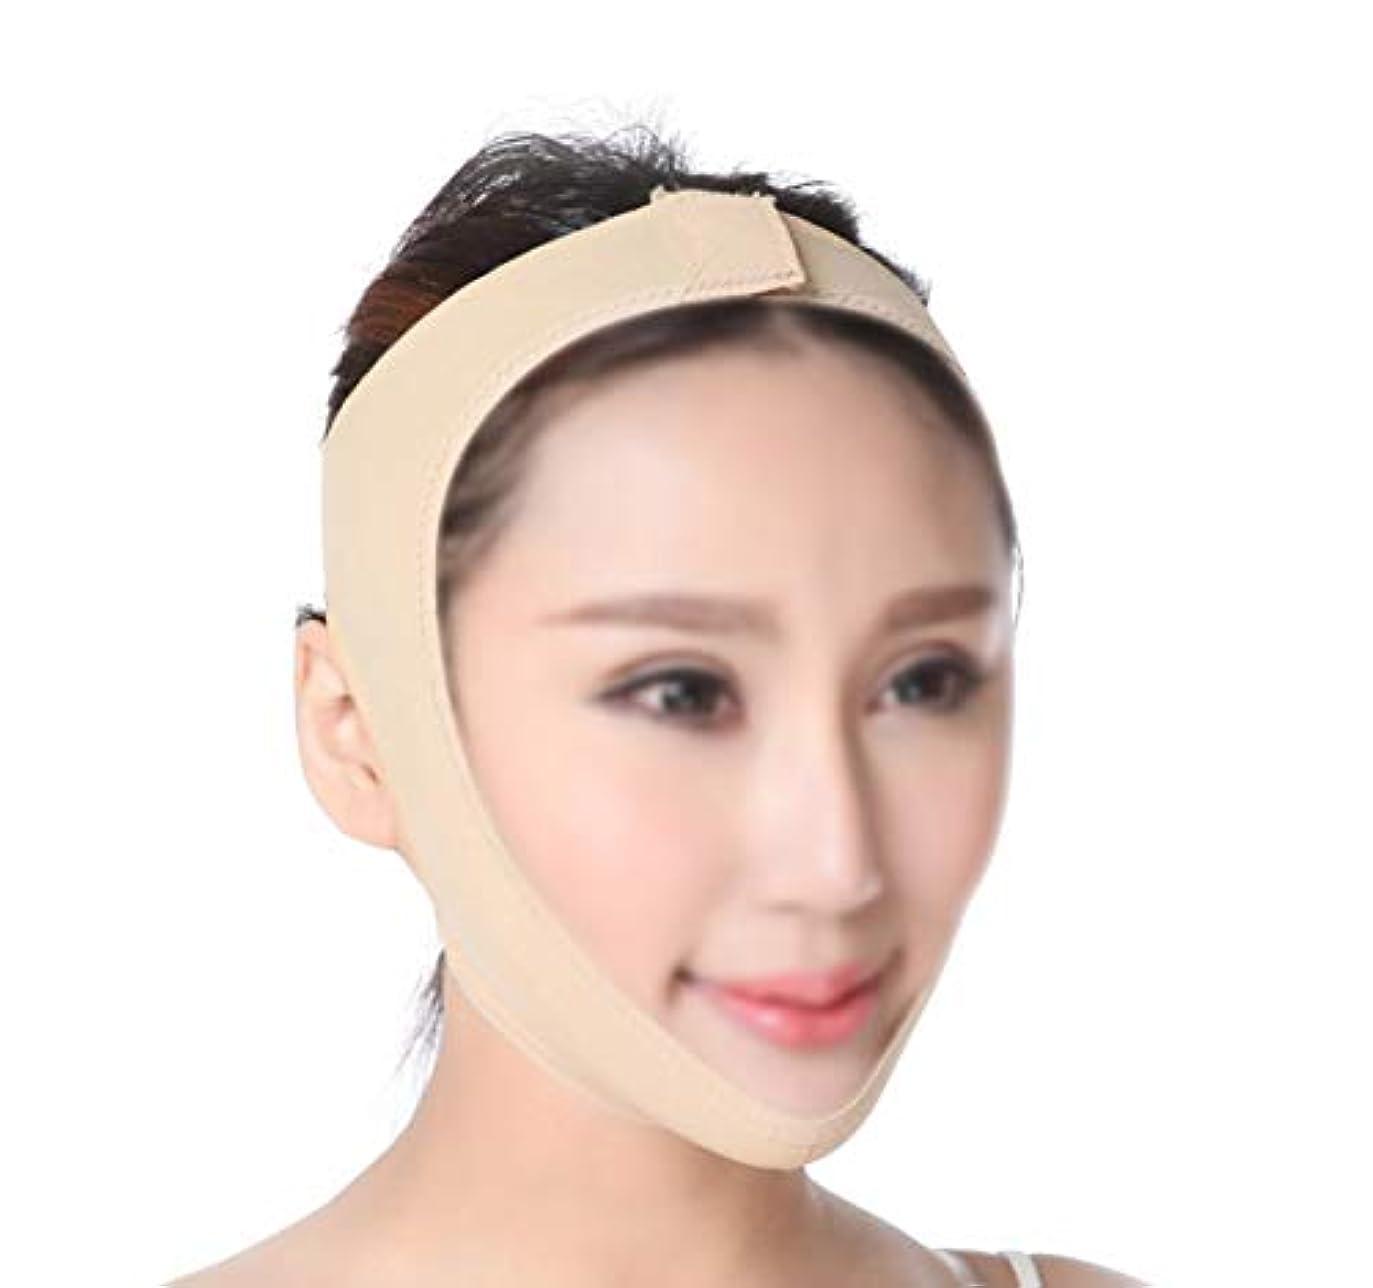 音声学リール石炭LJK フェイスリフティング包帯、Vフェイス楽器フェイスマスクアーティファクト引き締めマスク手動フェイシャルマッサージ通気性肌のトーン (Size : XL)